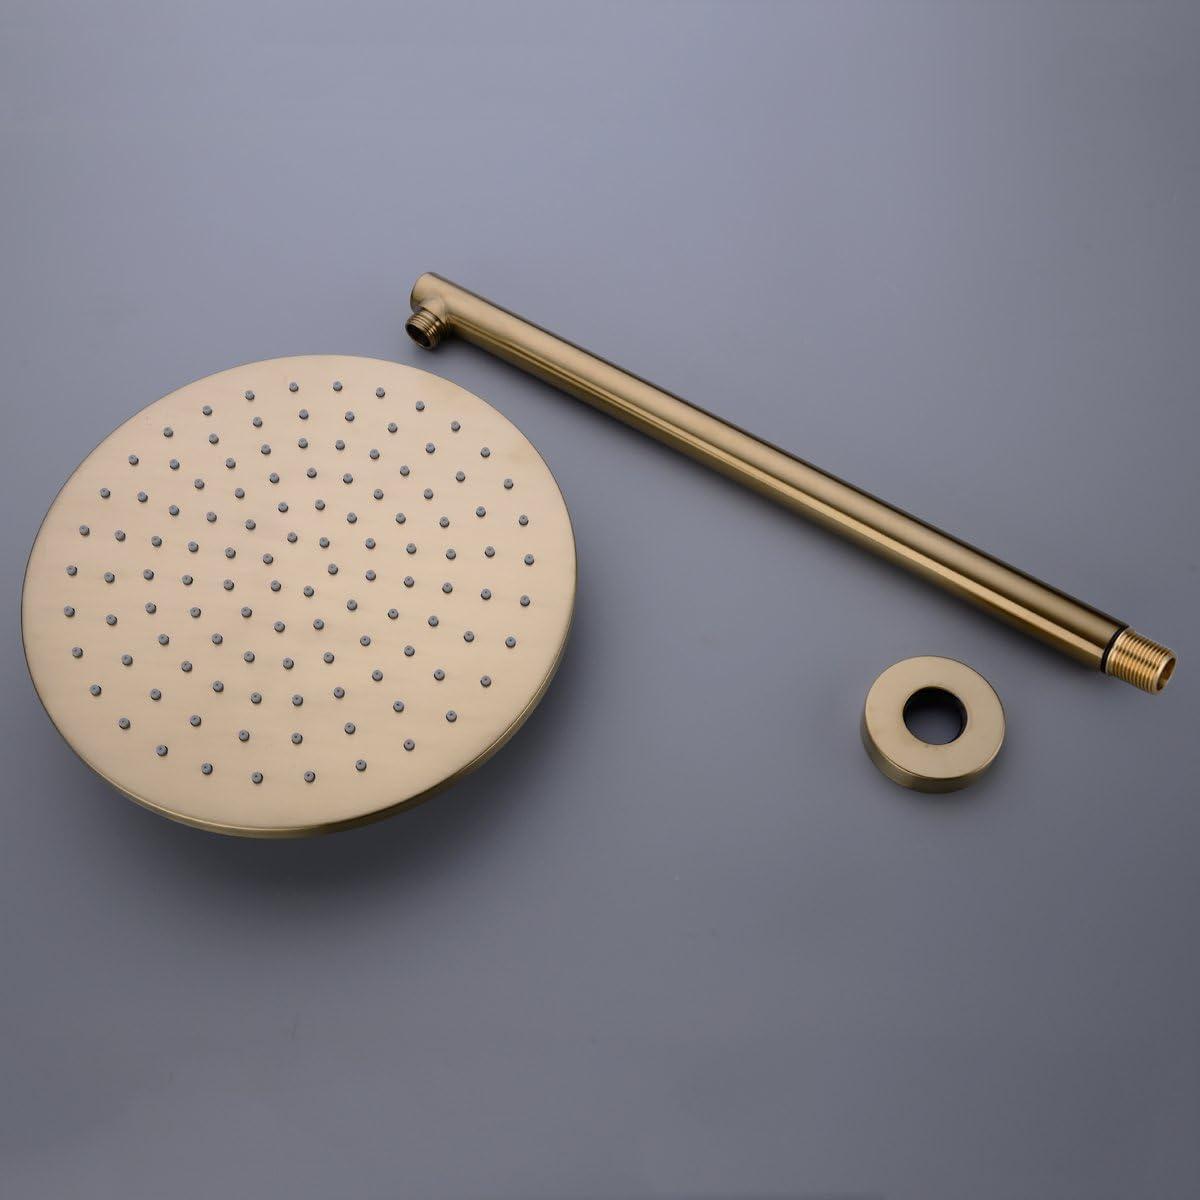 oro spazzolato Set doccia da 10 pollici in oro sistema doccia in ottone con kit rivestimento valvola miscelatore a scomparsa e soffione doccia manuale